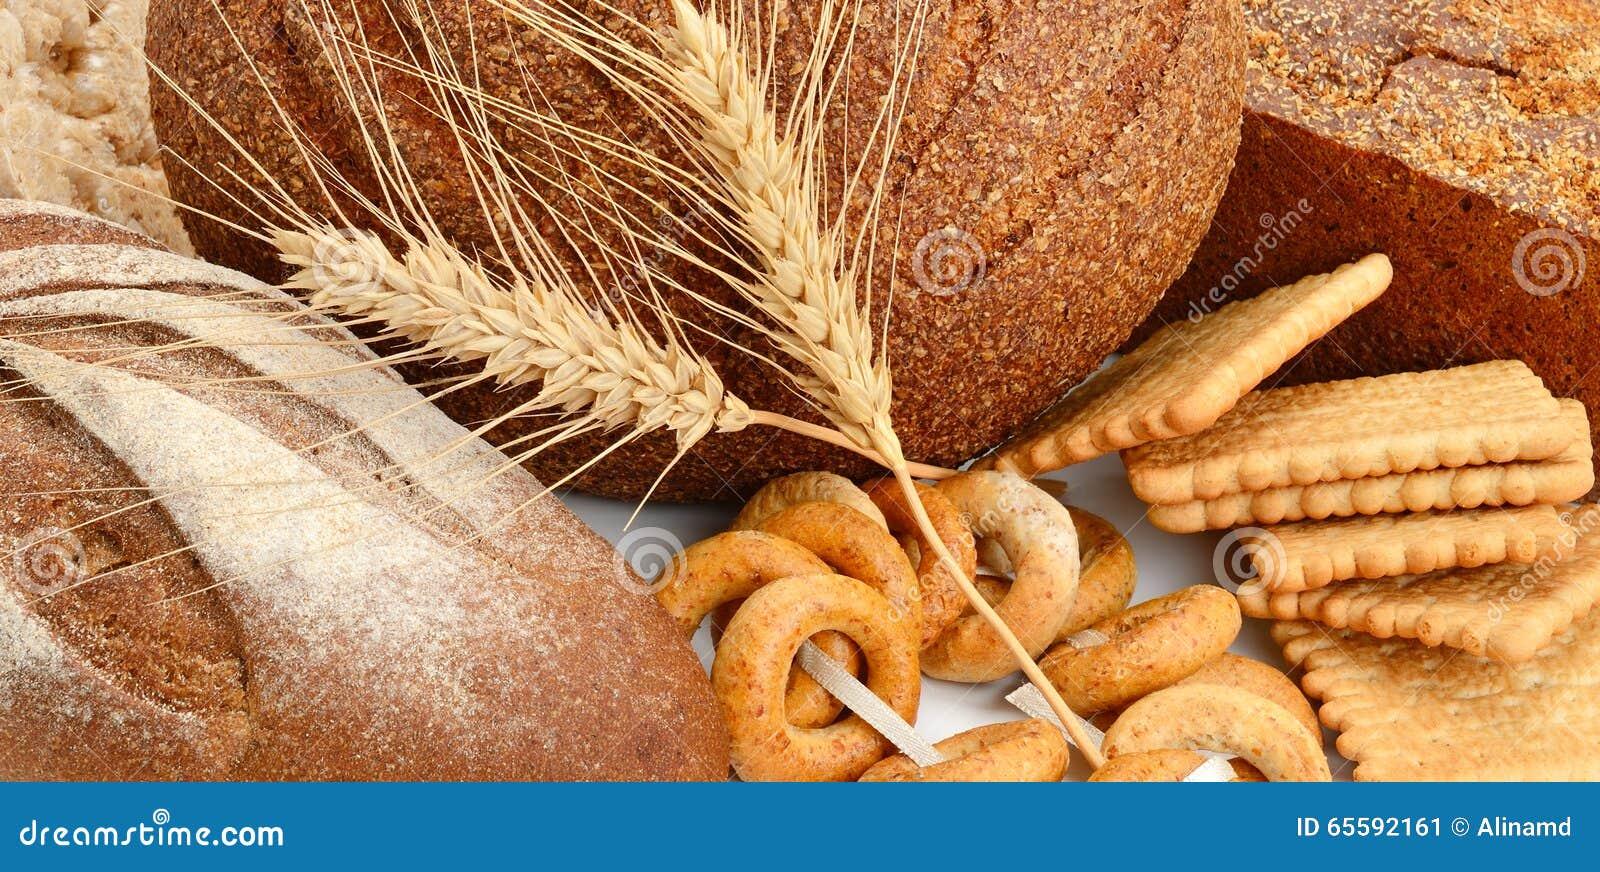 Productos del pan y de la panadería